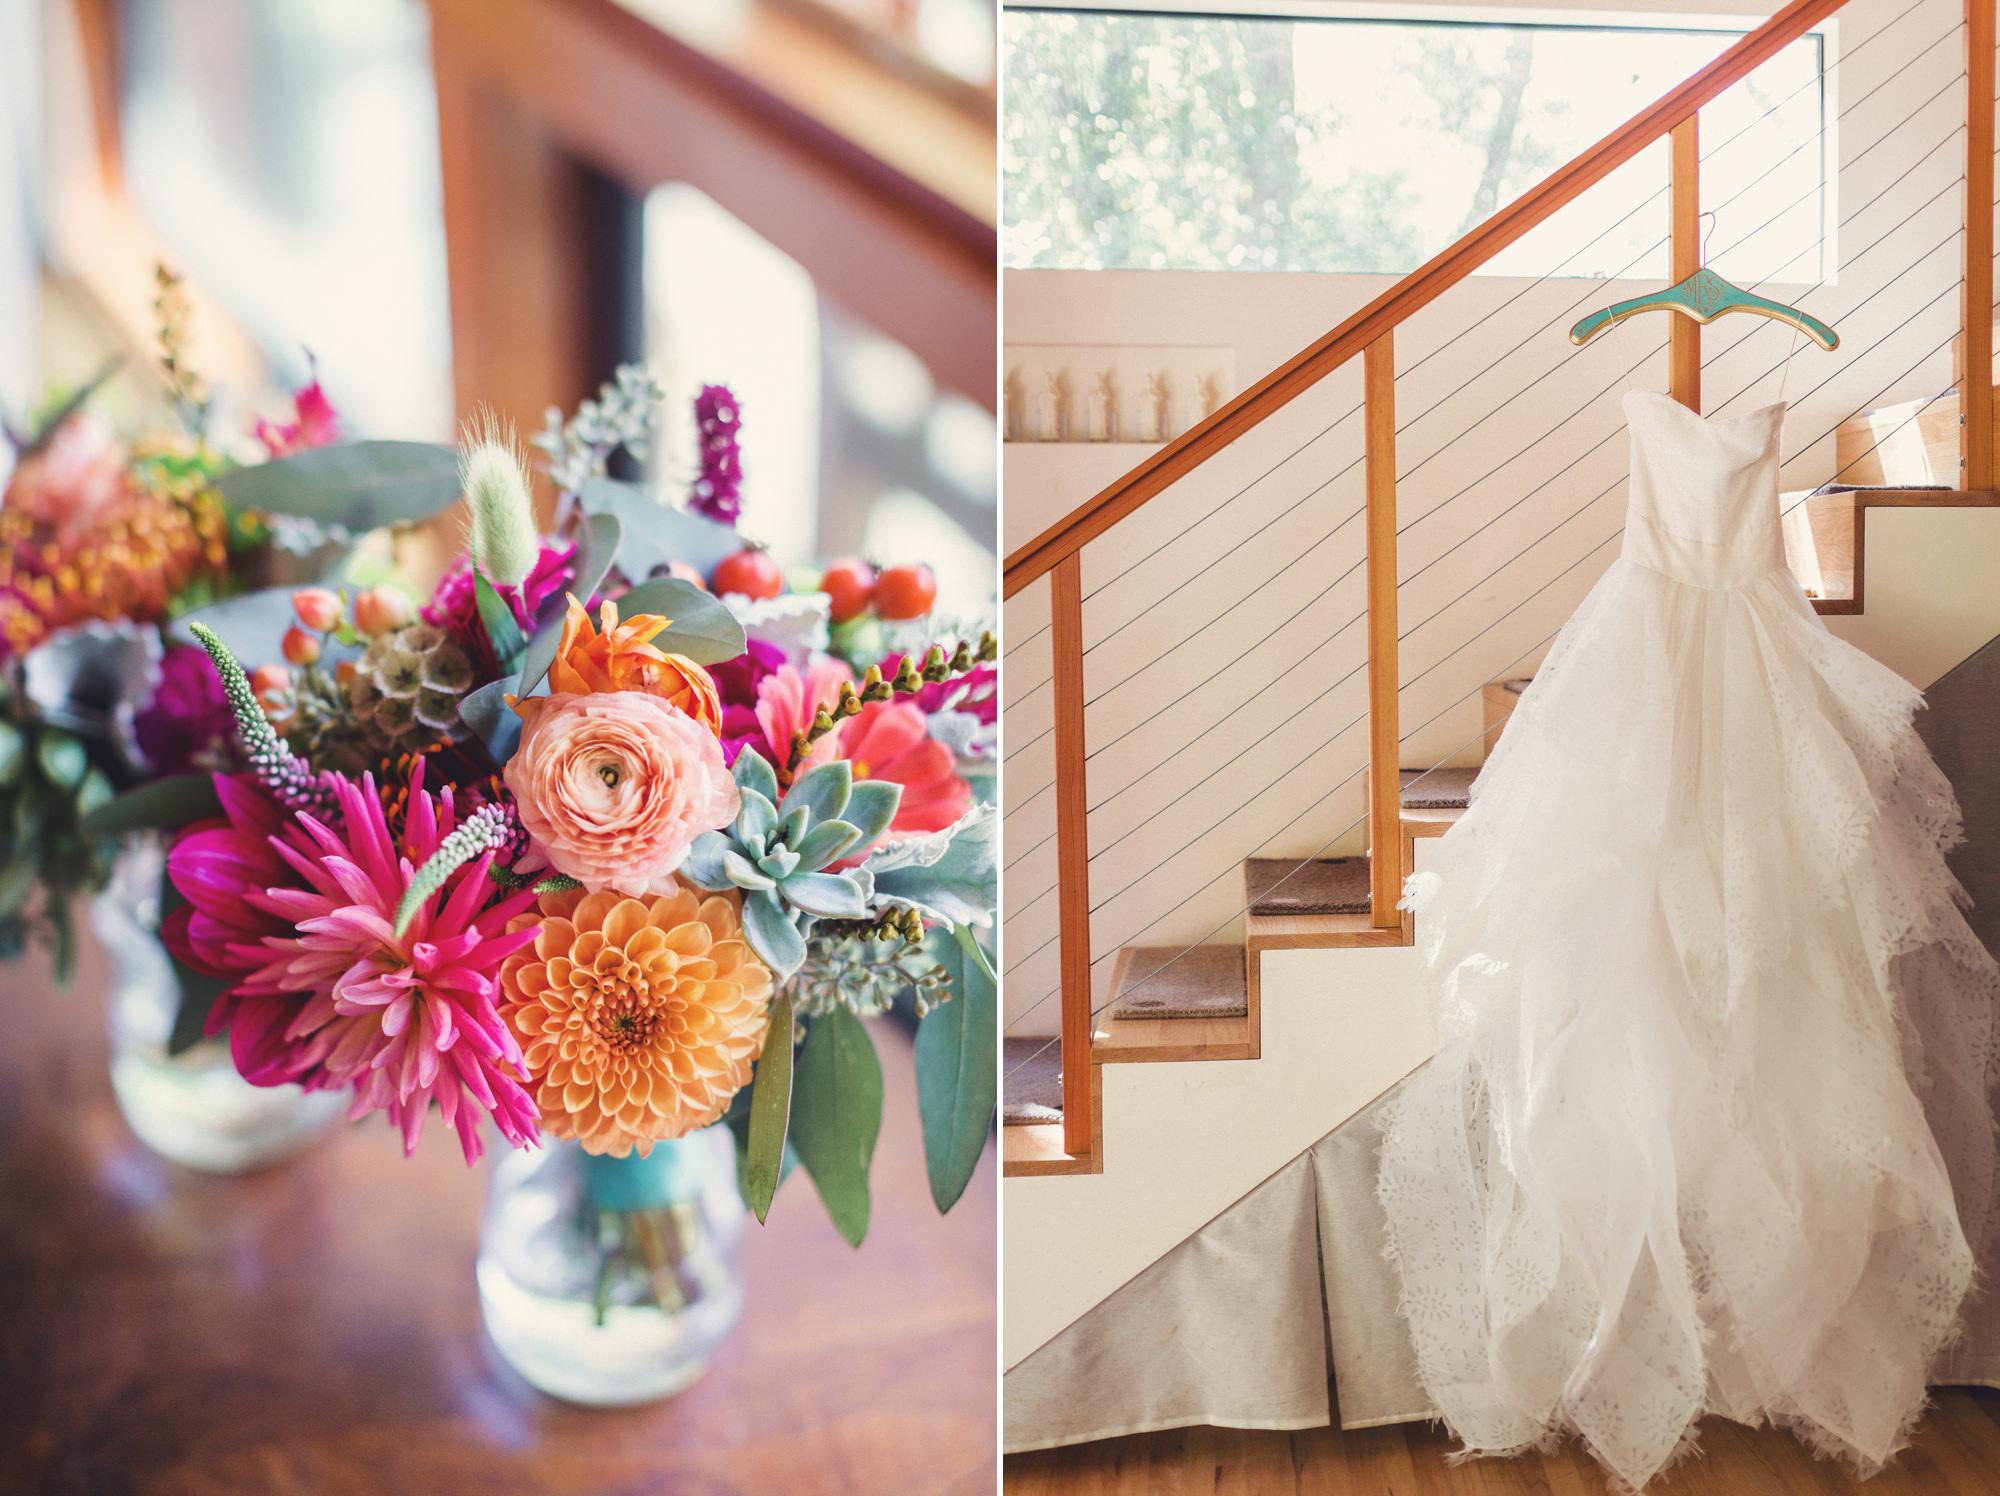 Tobys-Feed-Barn-Wedding-Anne-Claire-Brun-12-2.jpg